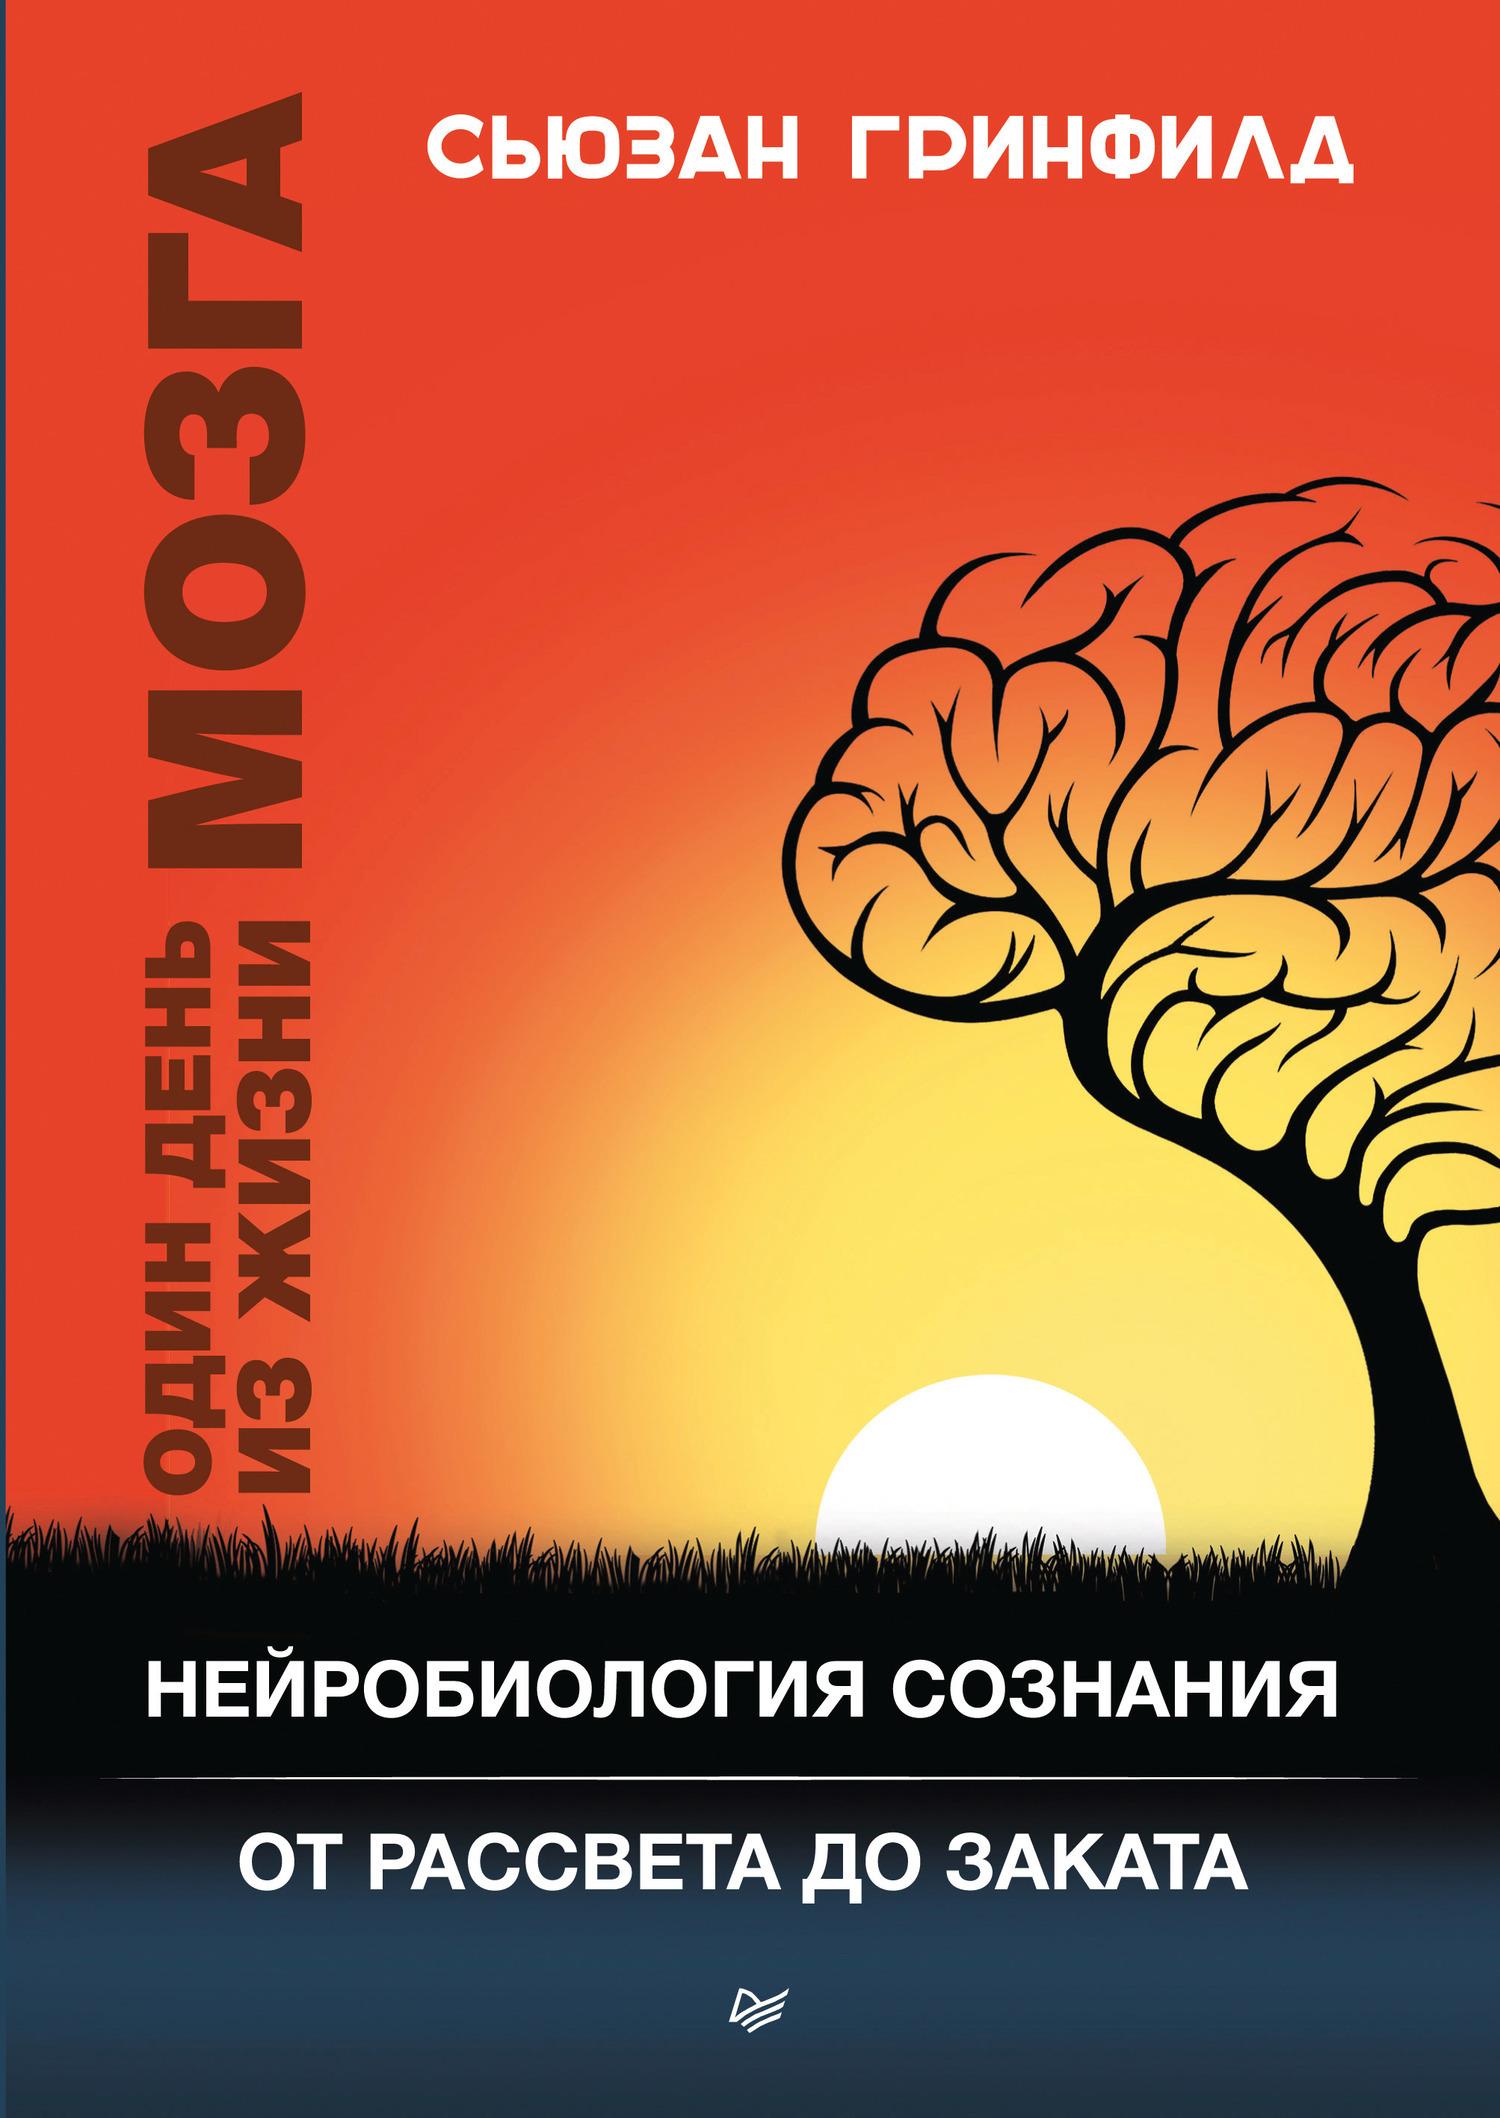 Сьюзан Гринфилд. Один день из жизни мозга. Нейробиология сознания от рассвета до заката